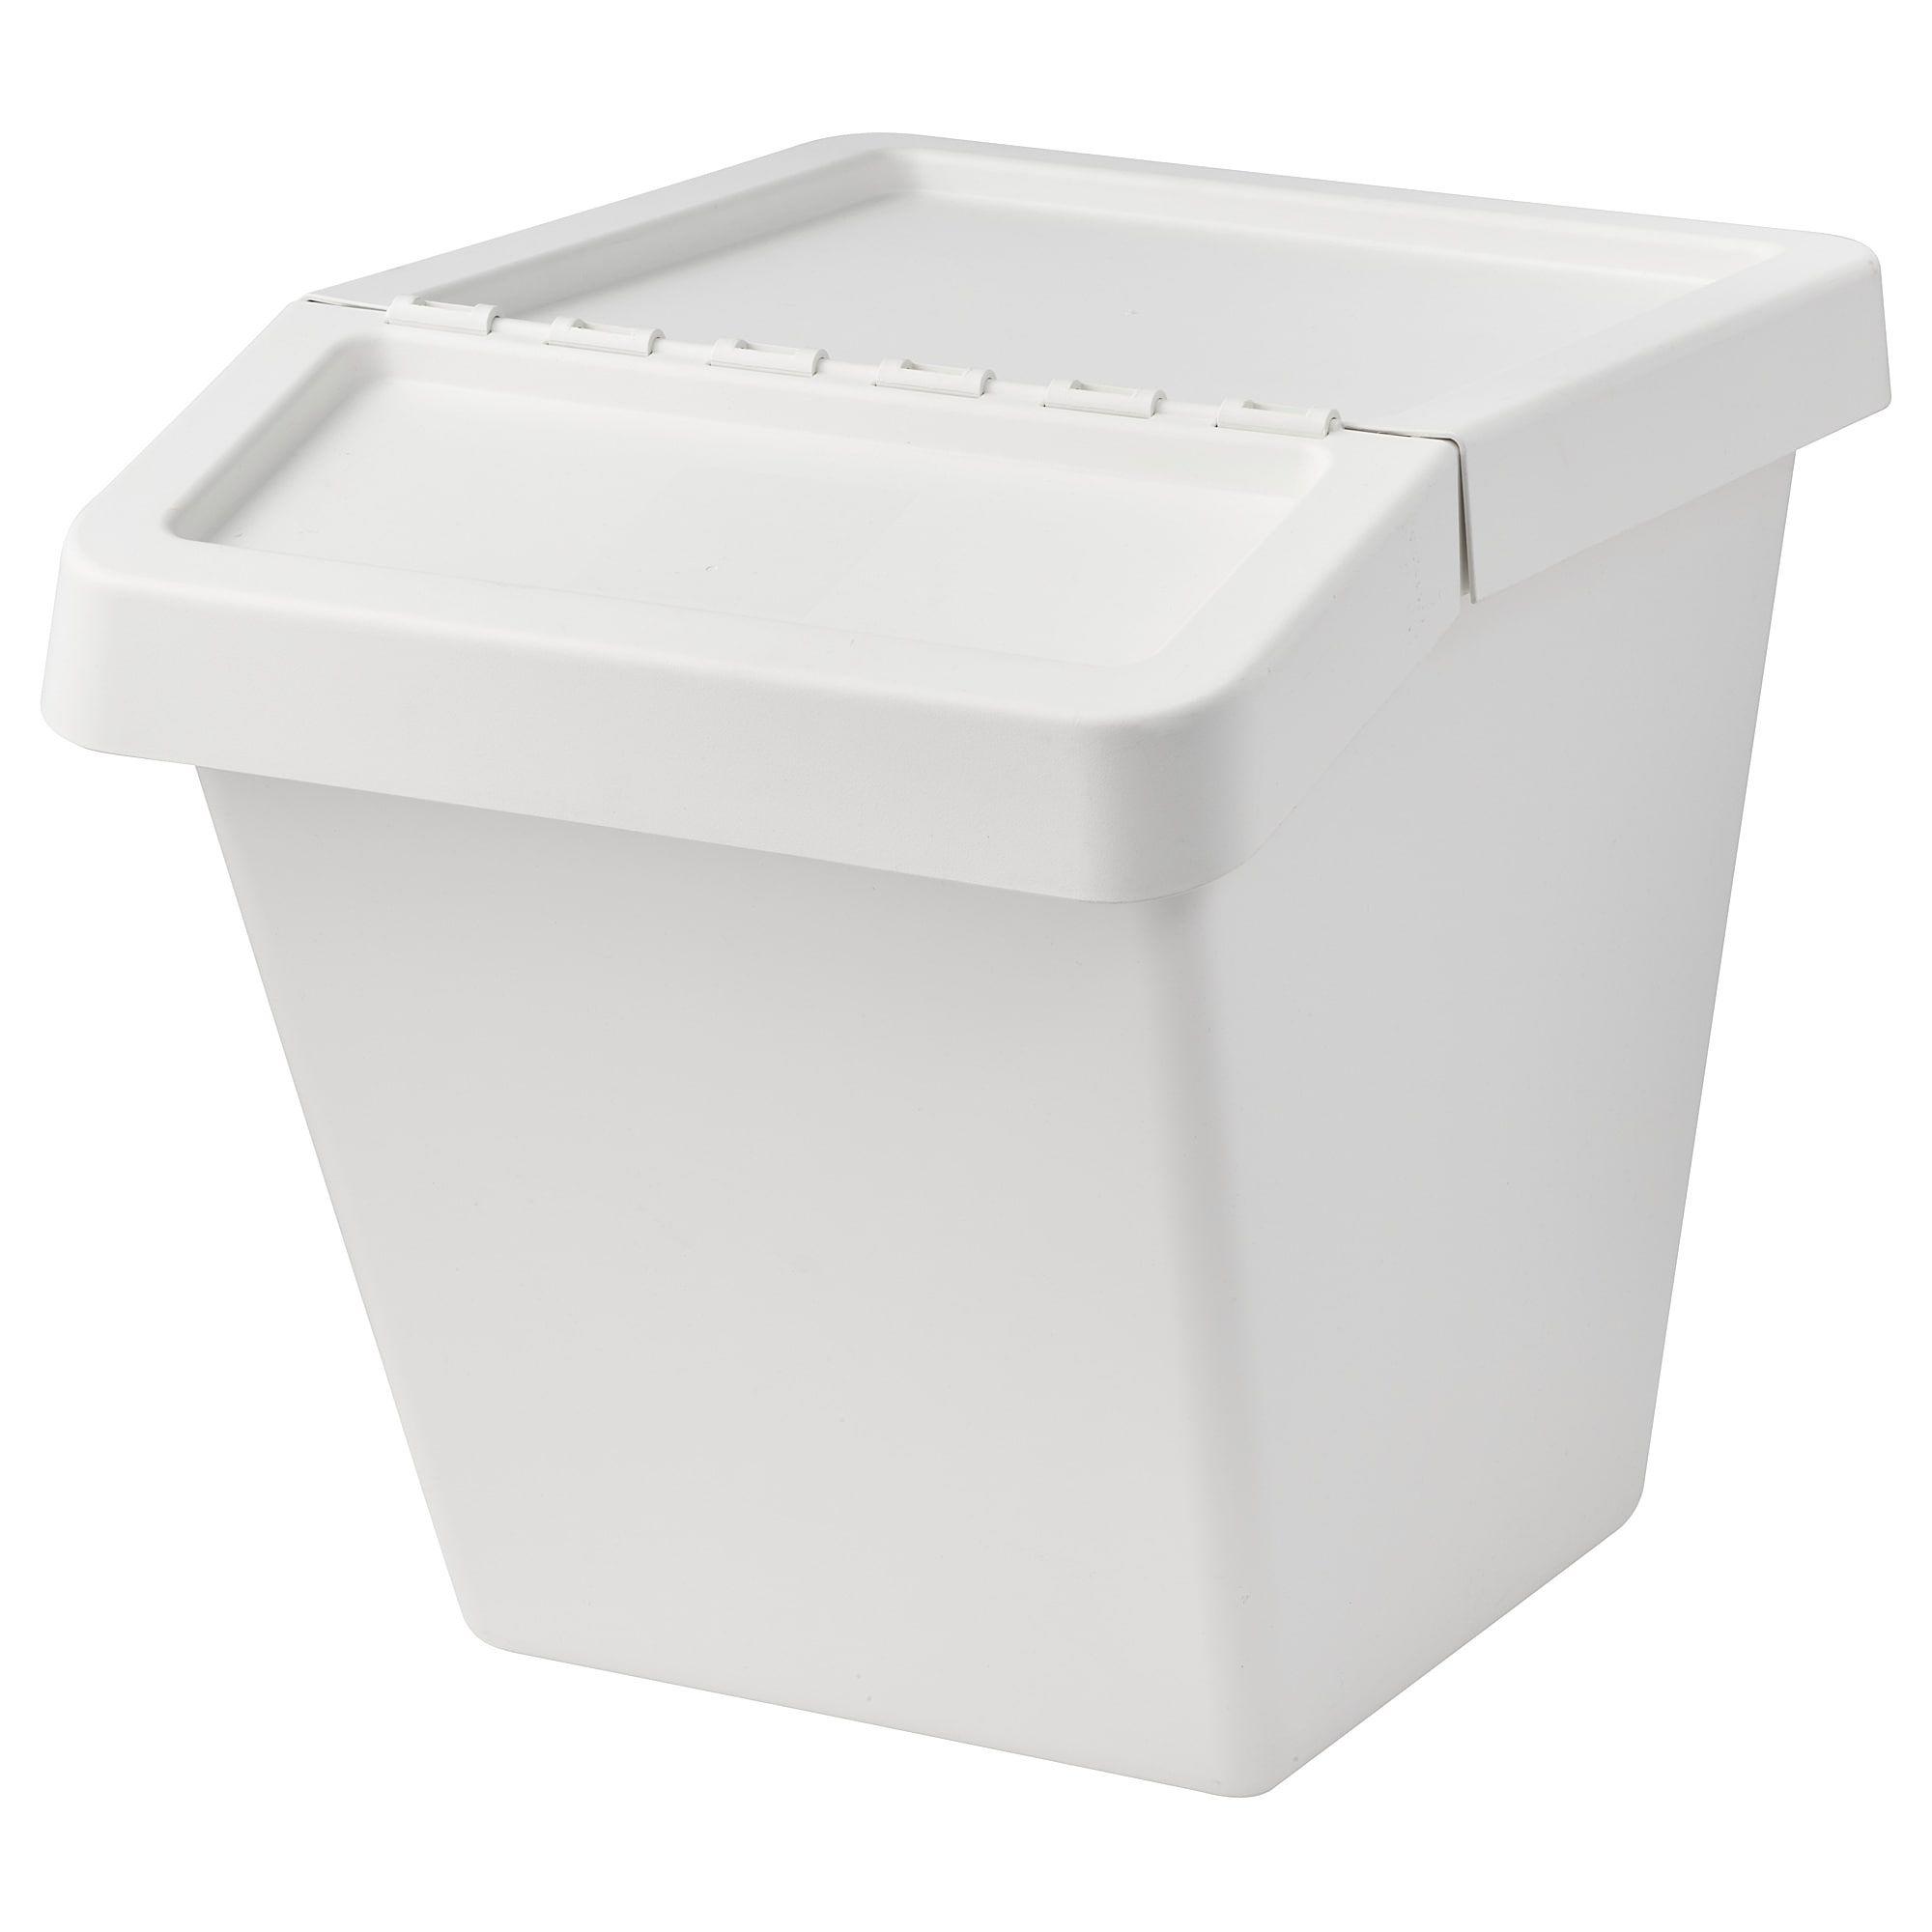 Full Size of Treteimer Küche Deckenleuchte Schneidemaschine Singleküche Mit E Geräten Eiche Müllsystem Sideboard Einlegeböden Umziehen Billig Kaufen Schreinerküche Wohnzimmer Mülleimer Küche Ikea